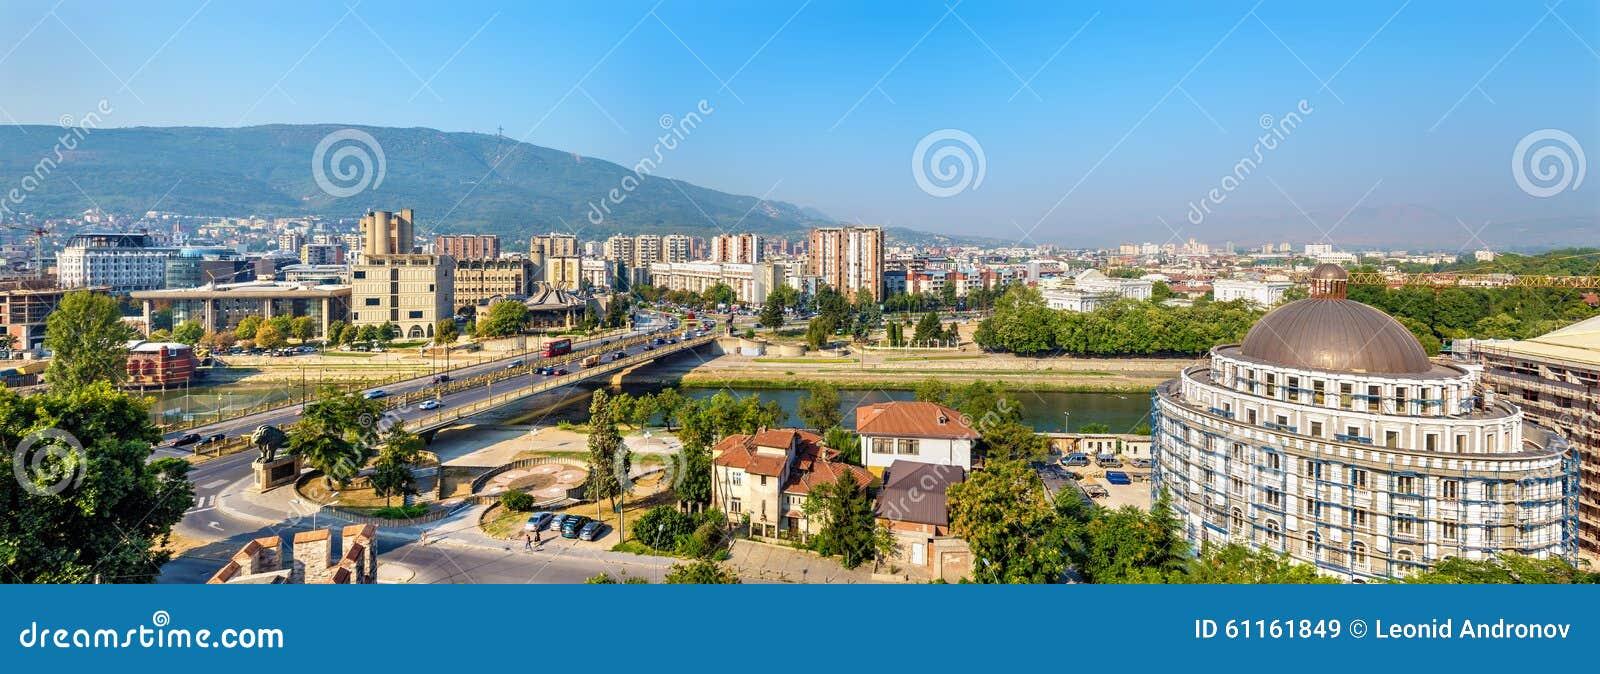 Panorama van Skopje van de vesting